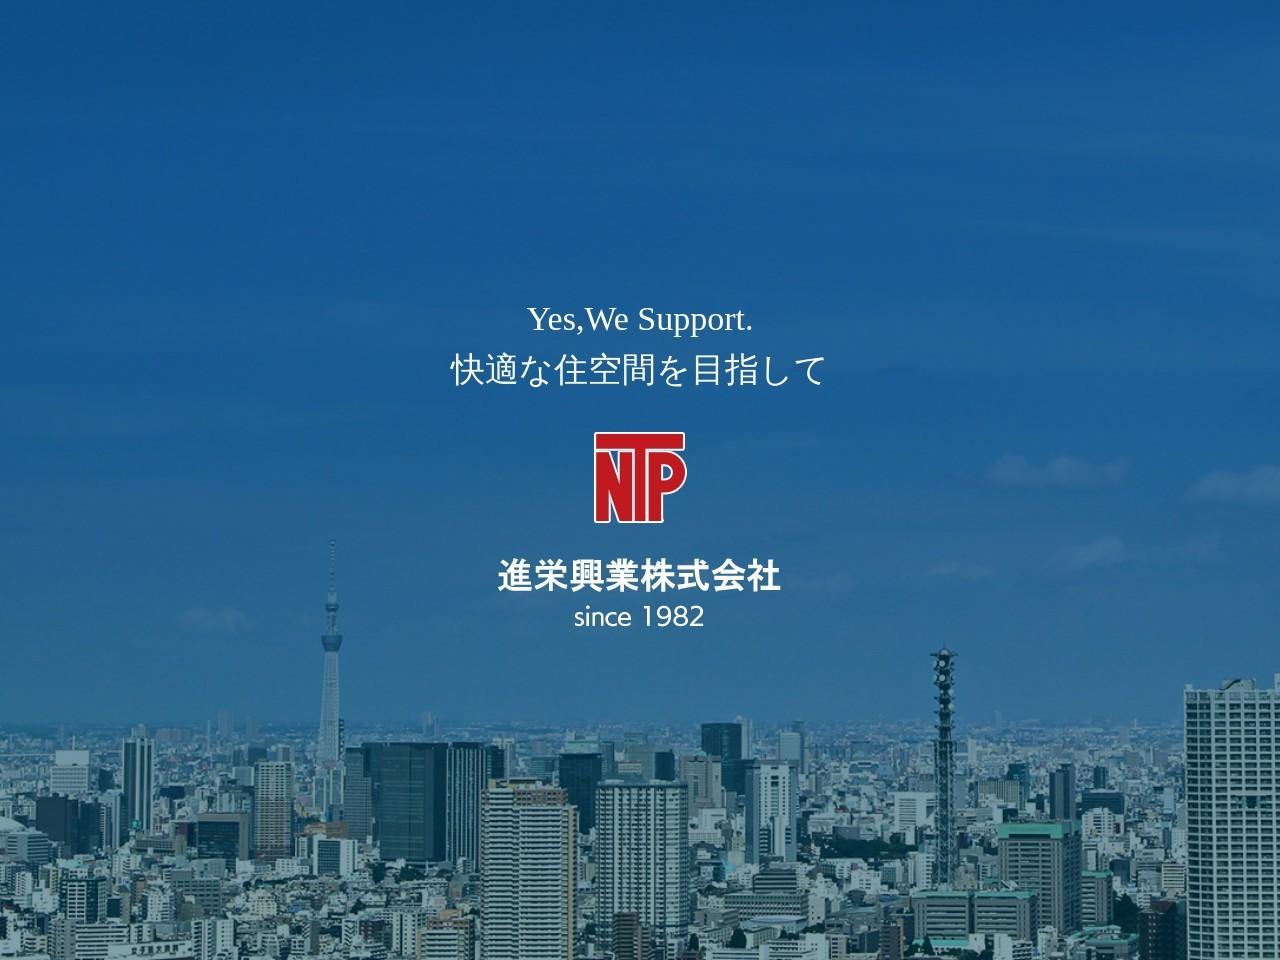 進栄興業株式会社